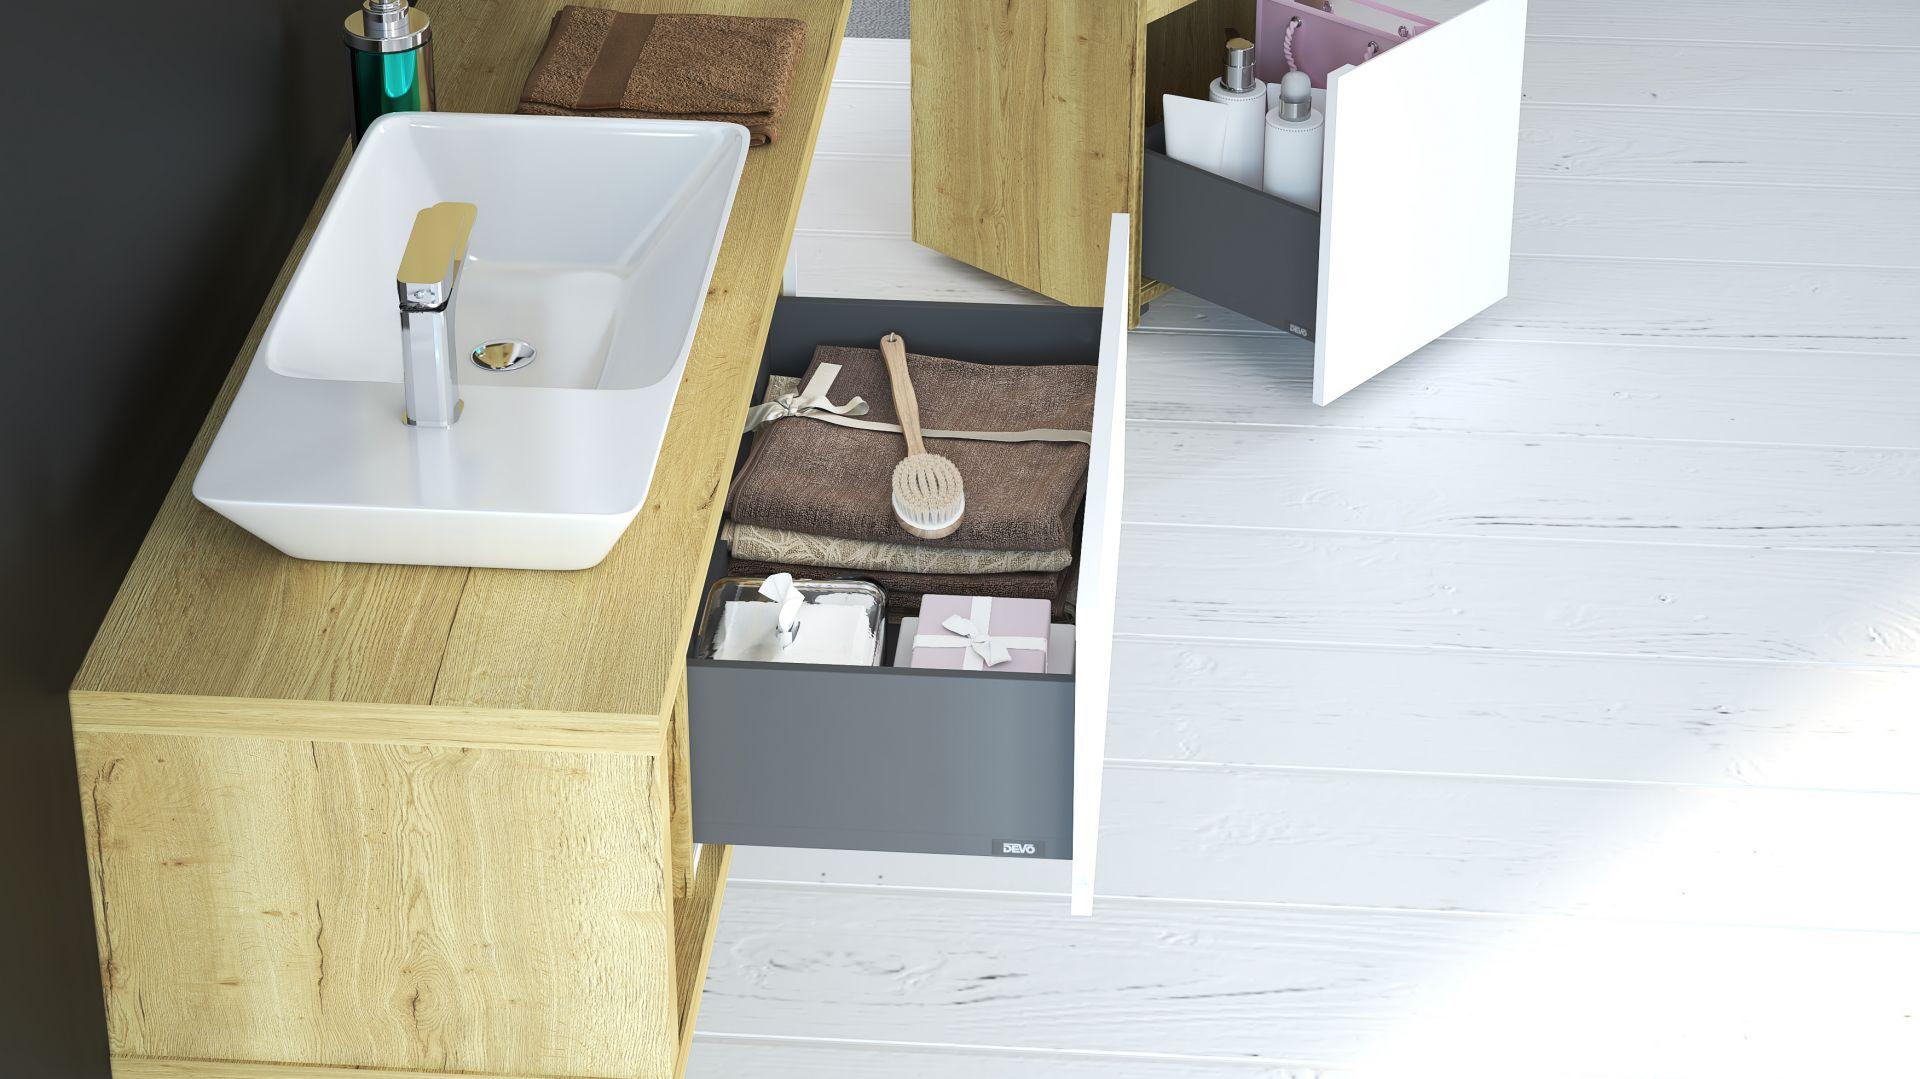 W serii Amaro m.in. szafka podumywalkowa z praktycznymi organizerami oraz mobilny kontener z miękkim siedziskiem, w którym można także przechowywać. Fot. Devo